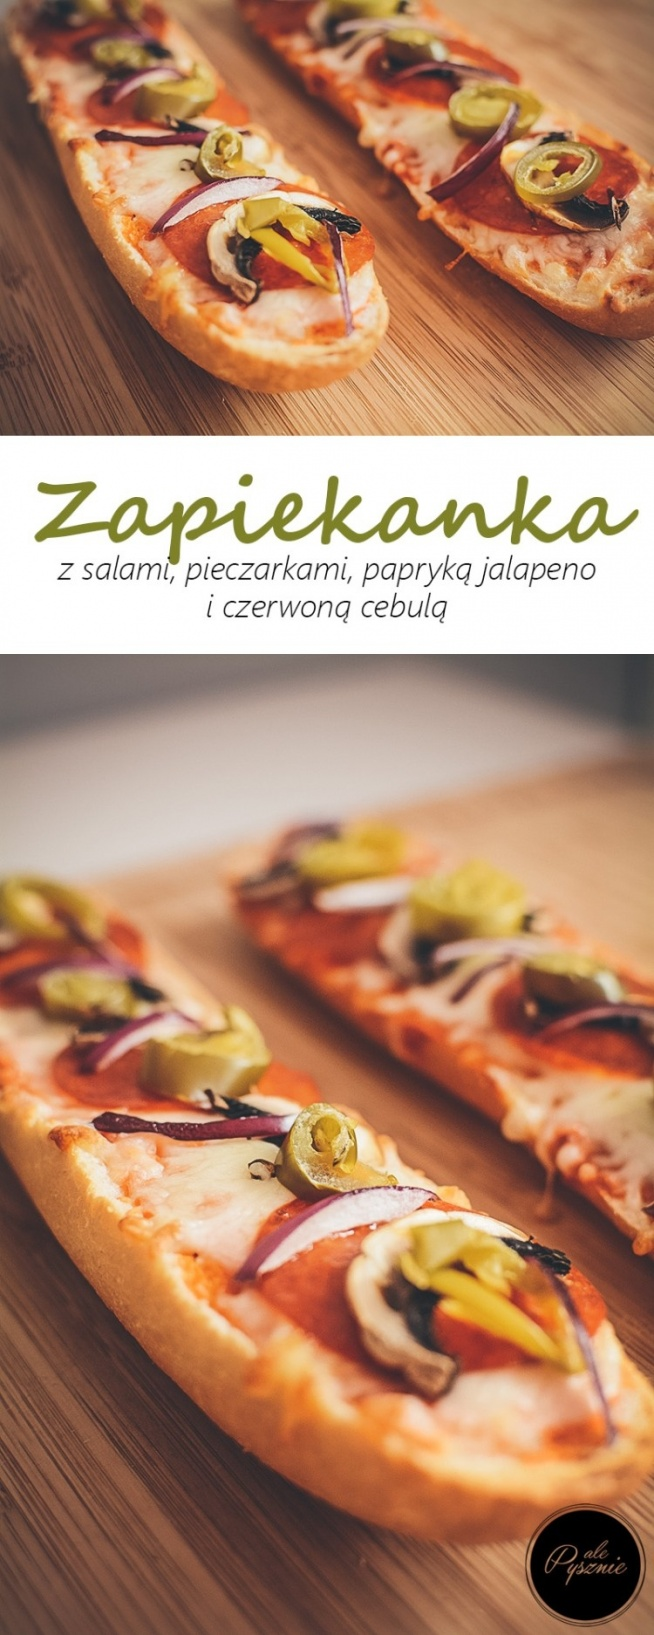 Zapiekanka z pieczarkami, salami i jalapeno. Kliknij w zdjęcie i zobacz przepis.